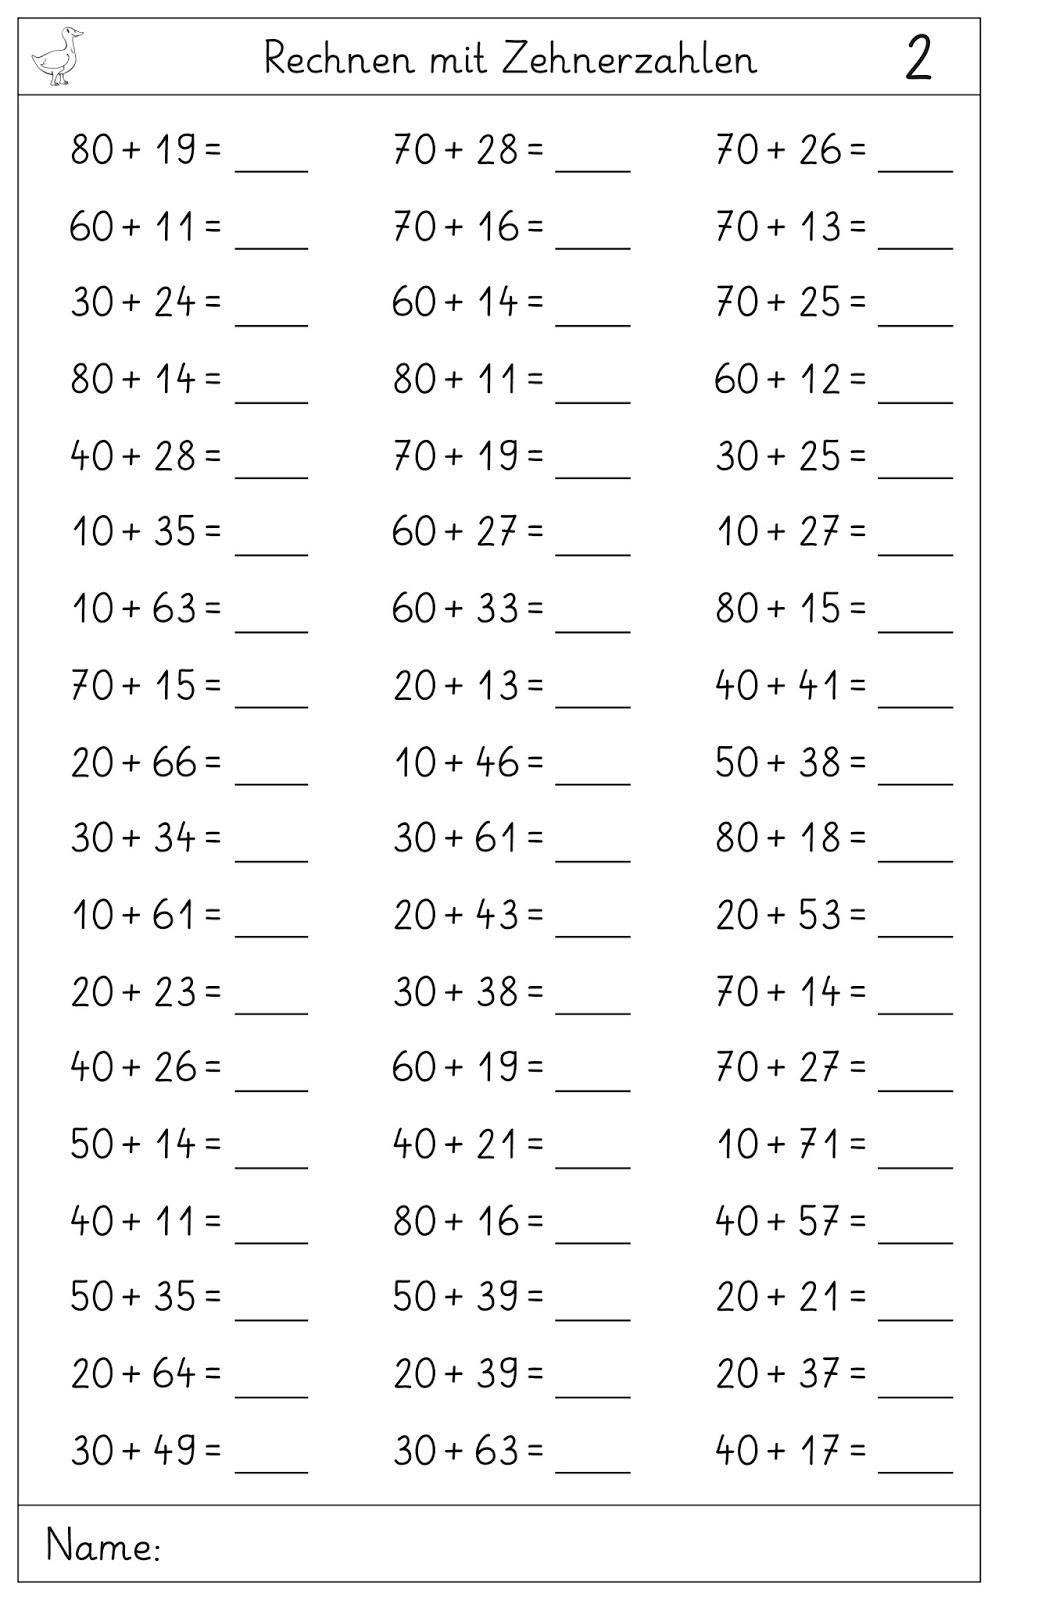 Lernstübchen: Zehnerzahlen plus Zehner und Einer